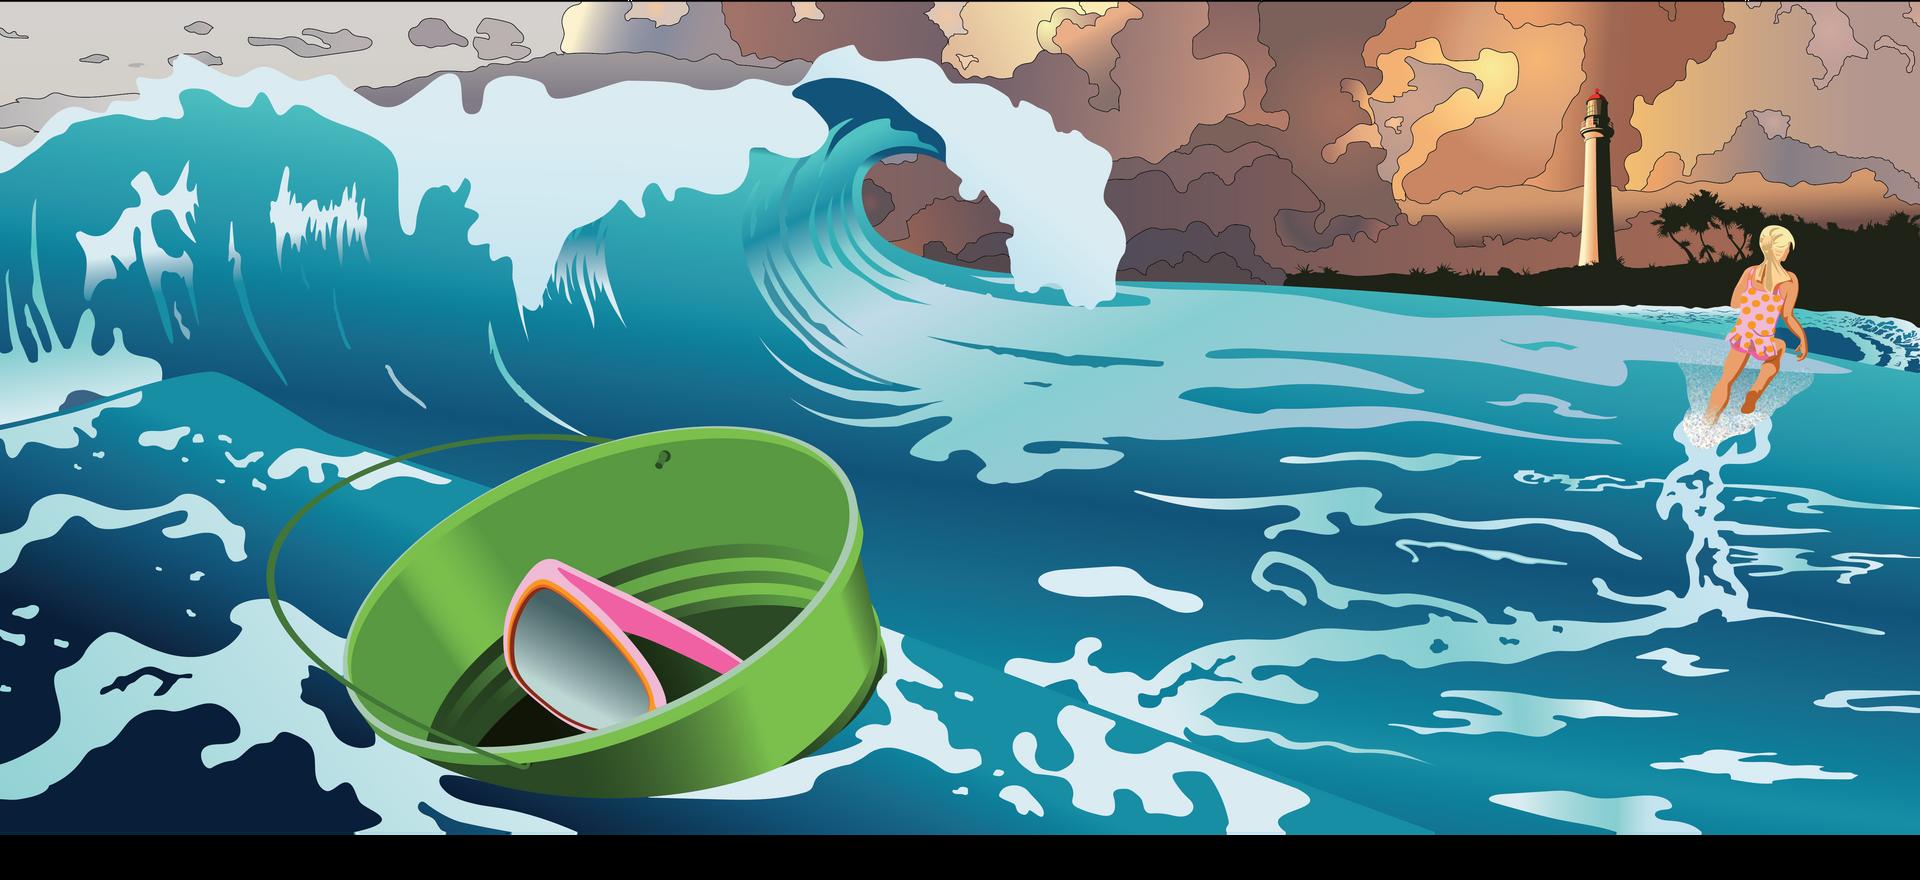 Alyssa leaves her bucket behind